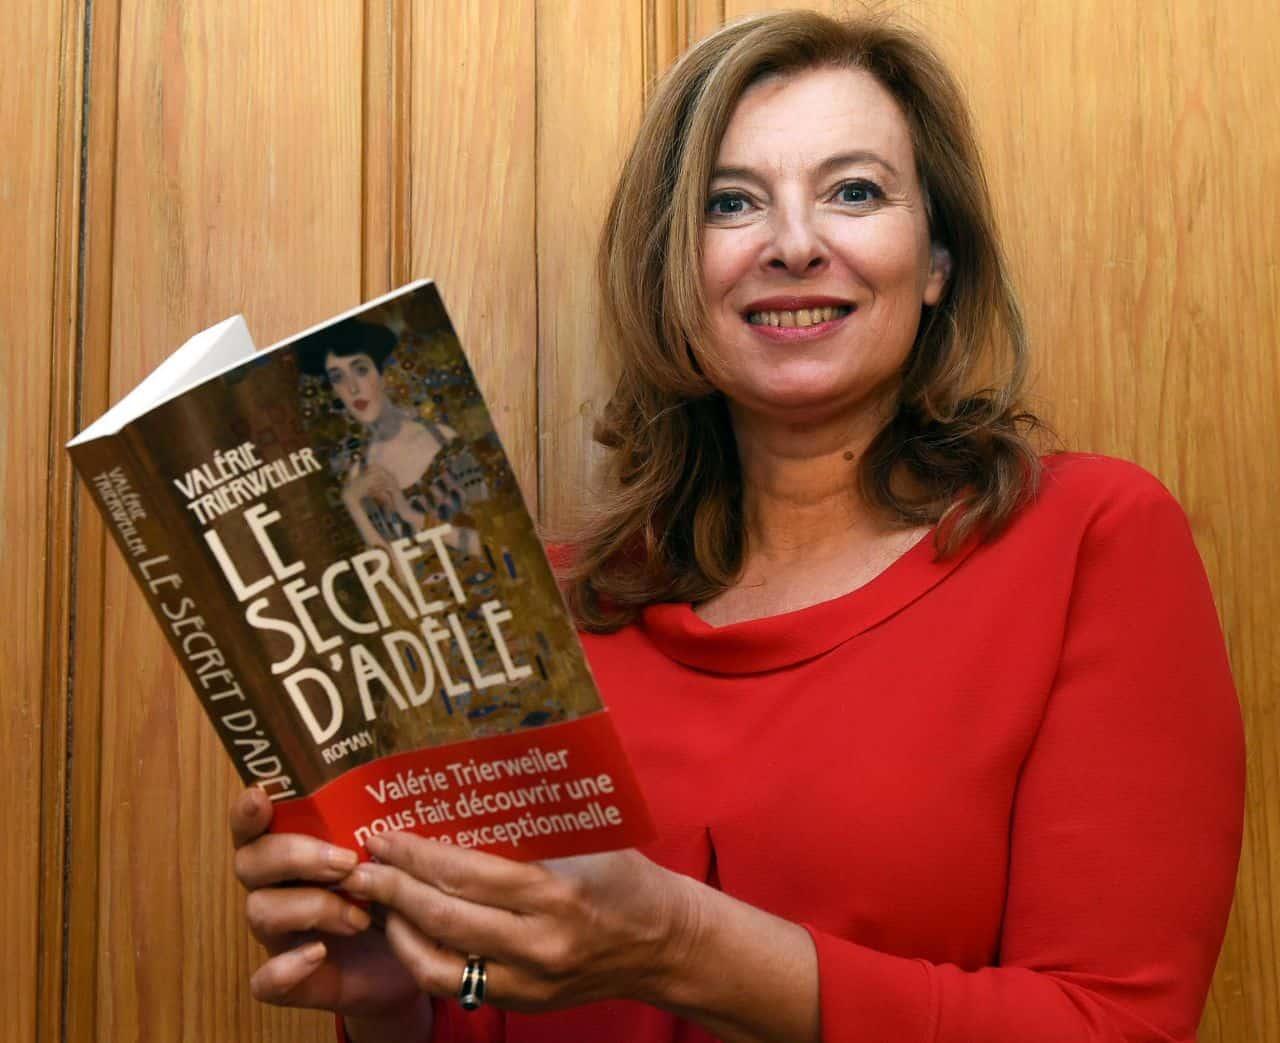 Valerie Trierweiler Adele